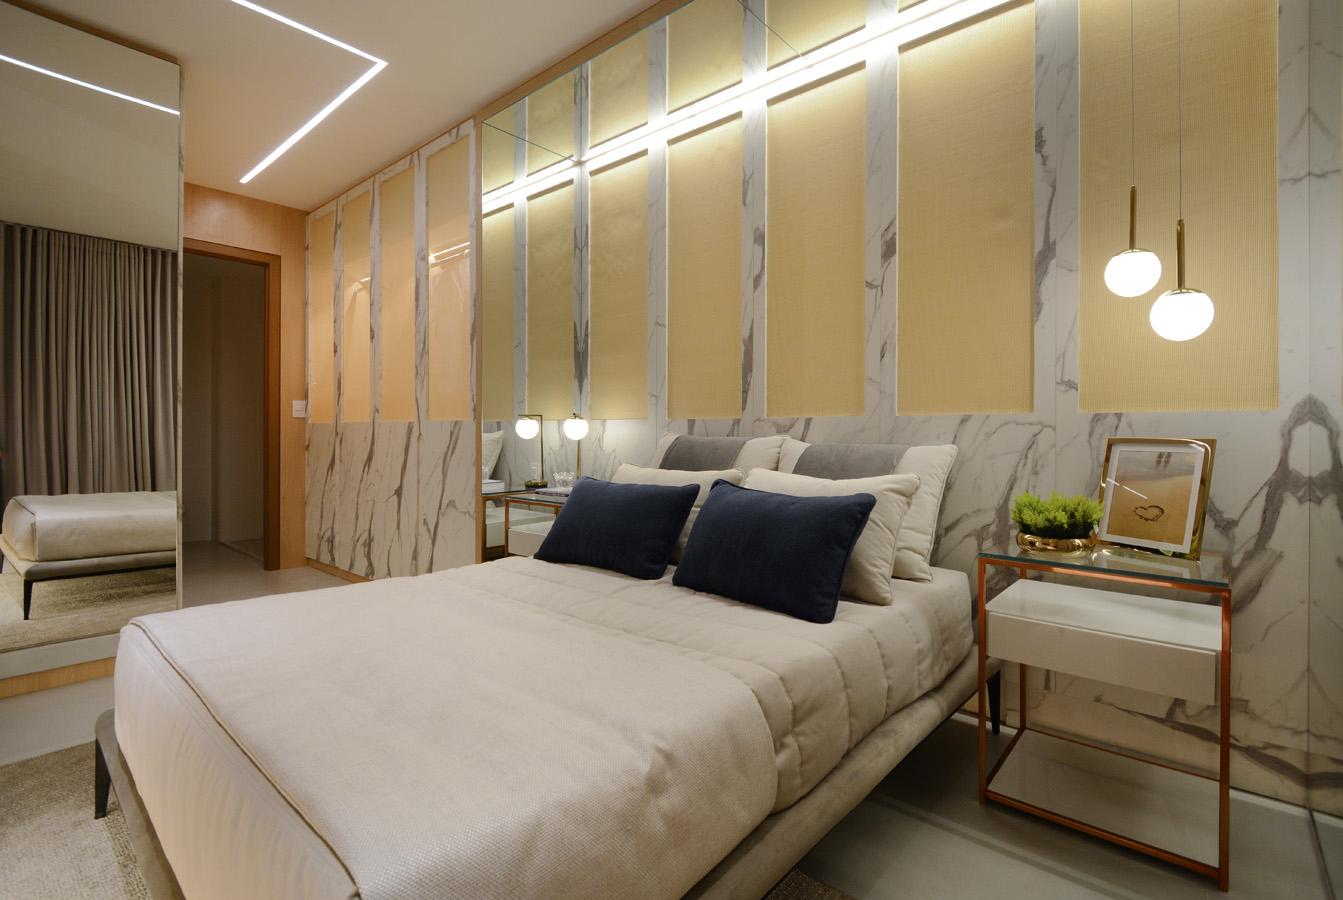 Trama de palhinha é percebida na cabeceira da cama e nas portas do guarda-roupas - Marcus Camargo